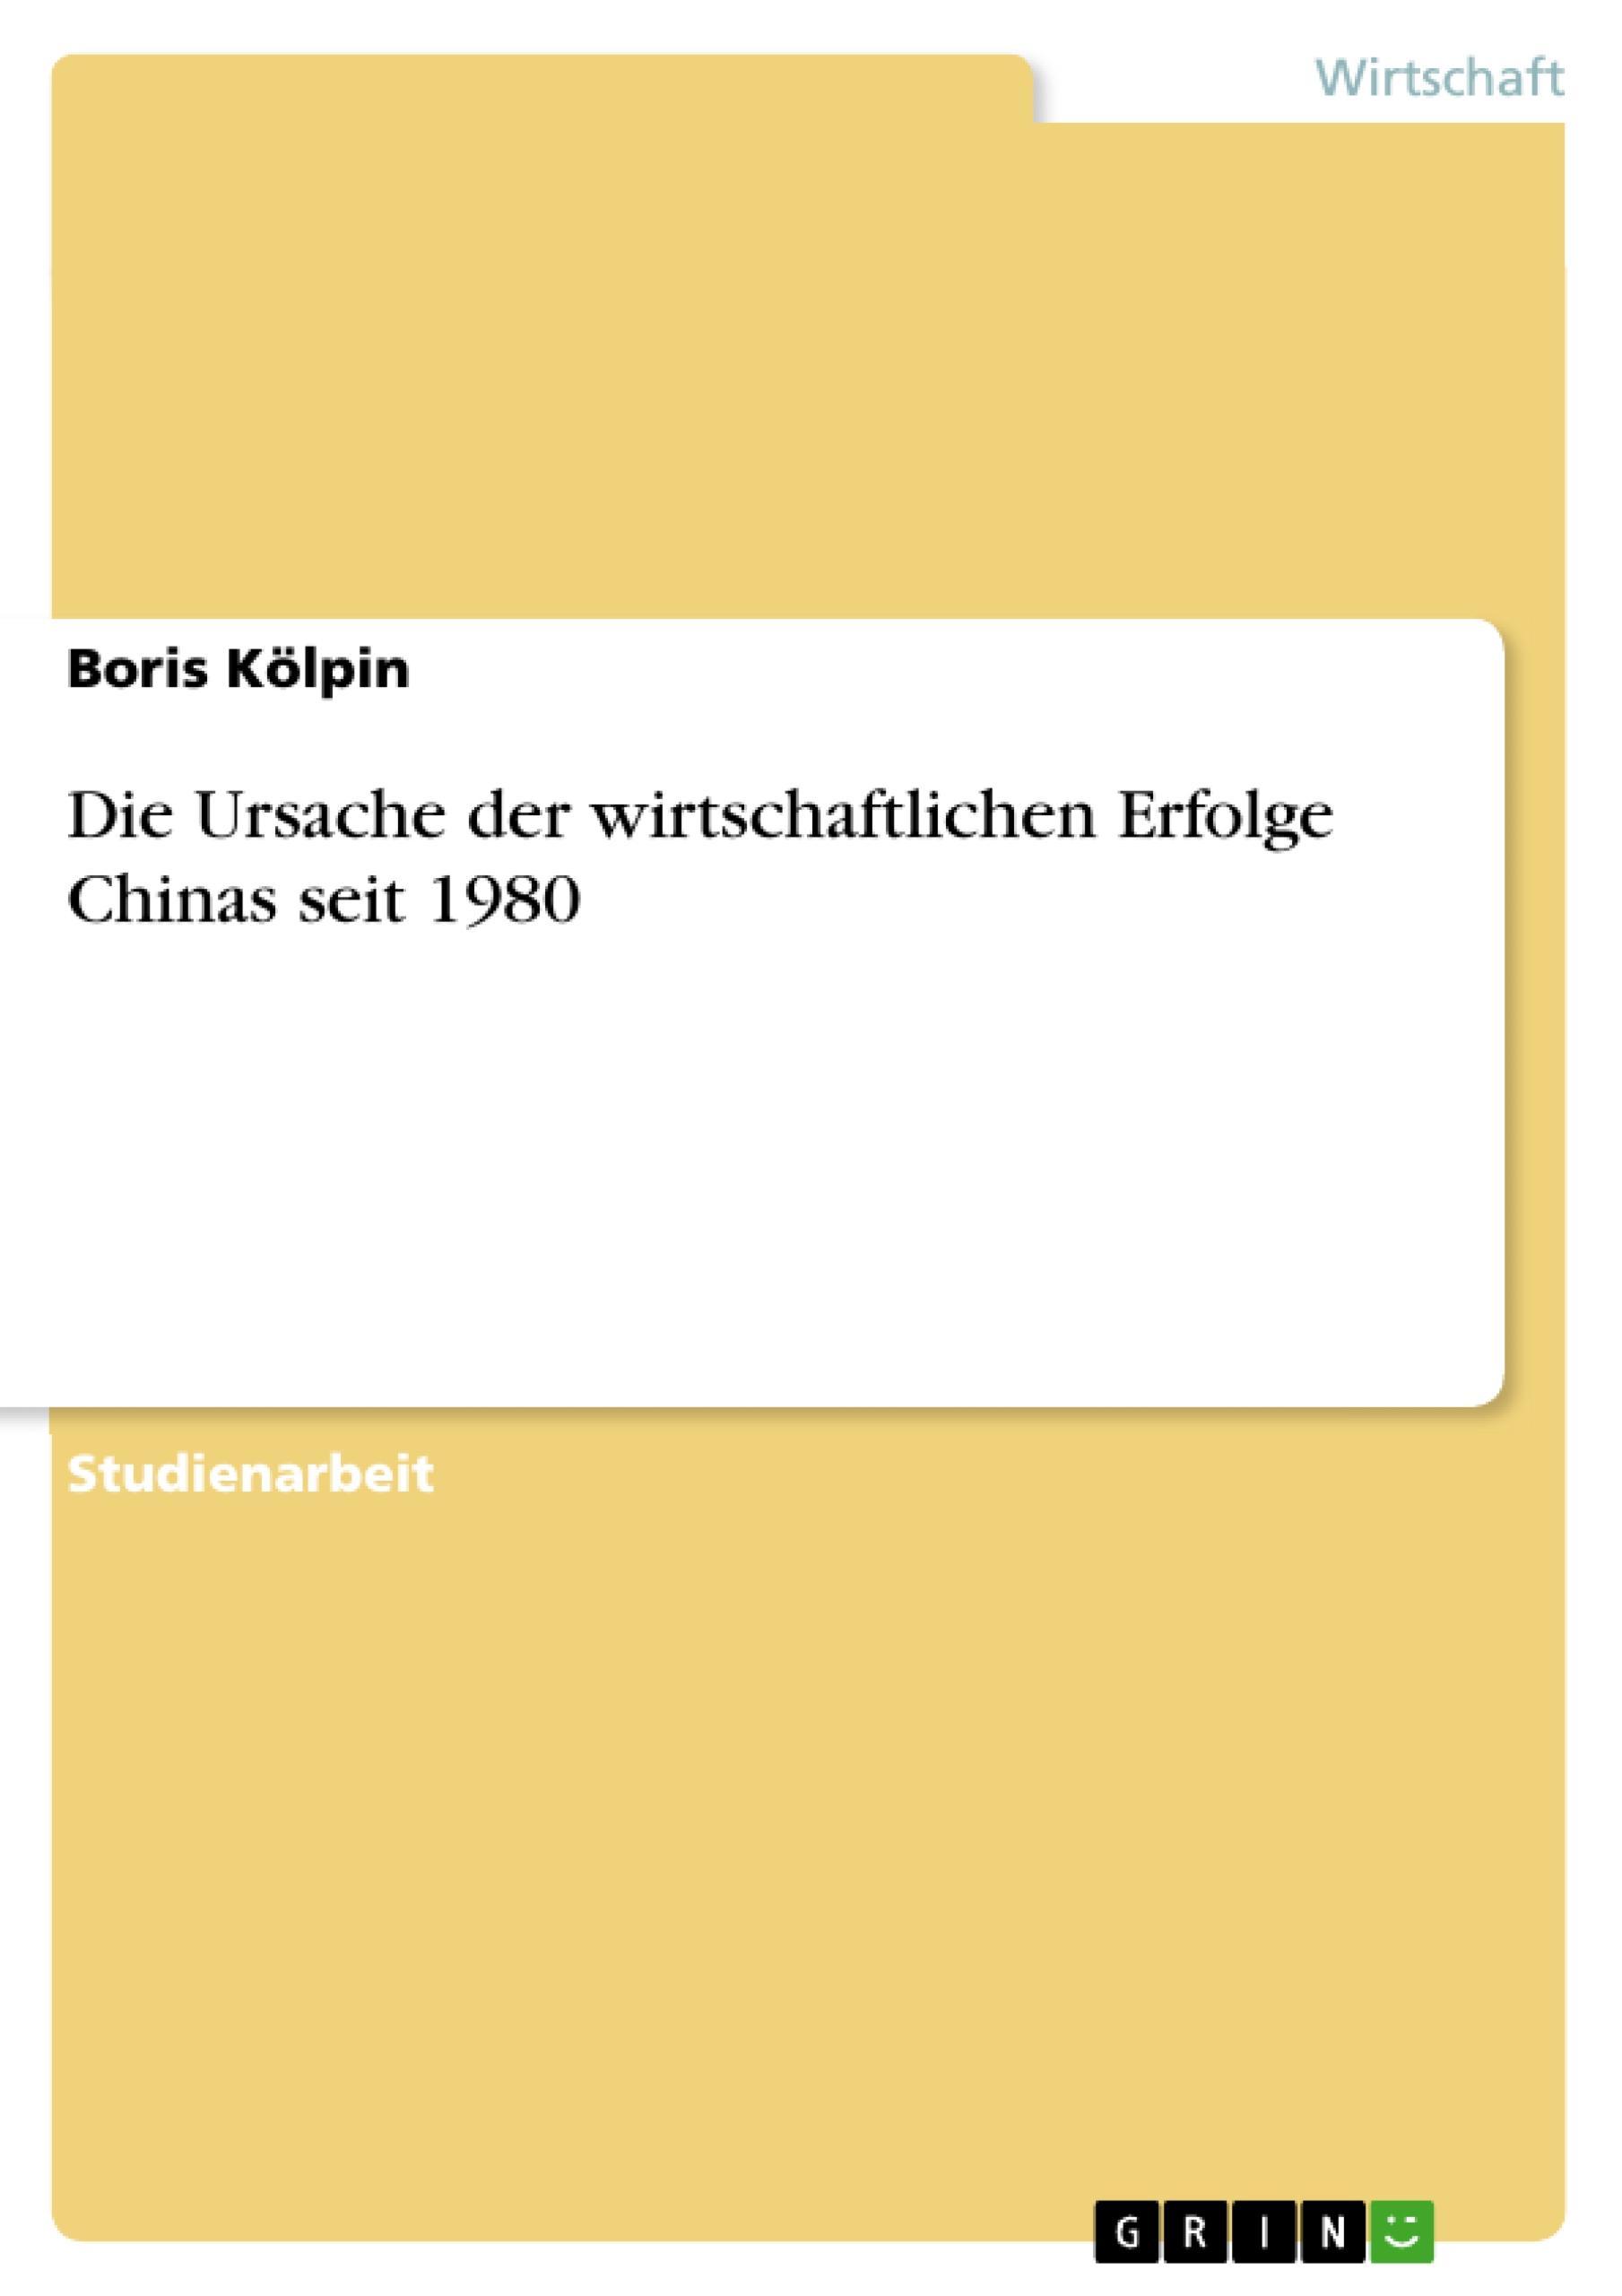 Die Ursache der wirtschaftlichen Erfolge Chinas seit 1980  Boris Kölpin  Taschenbuch  Deutsch  2010 - Kölpin, Boris